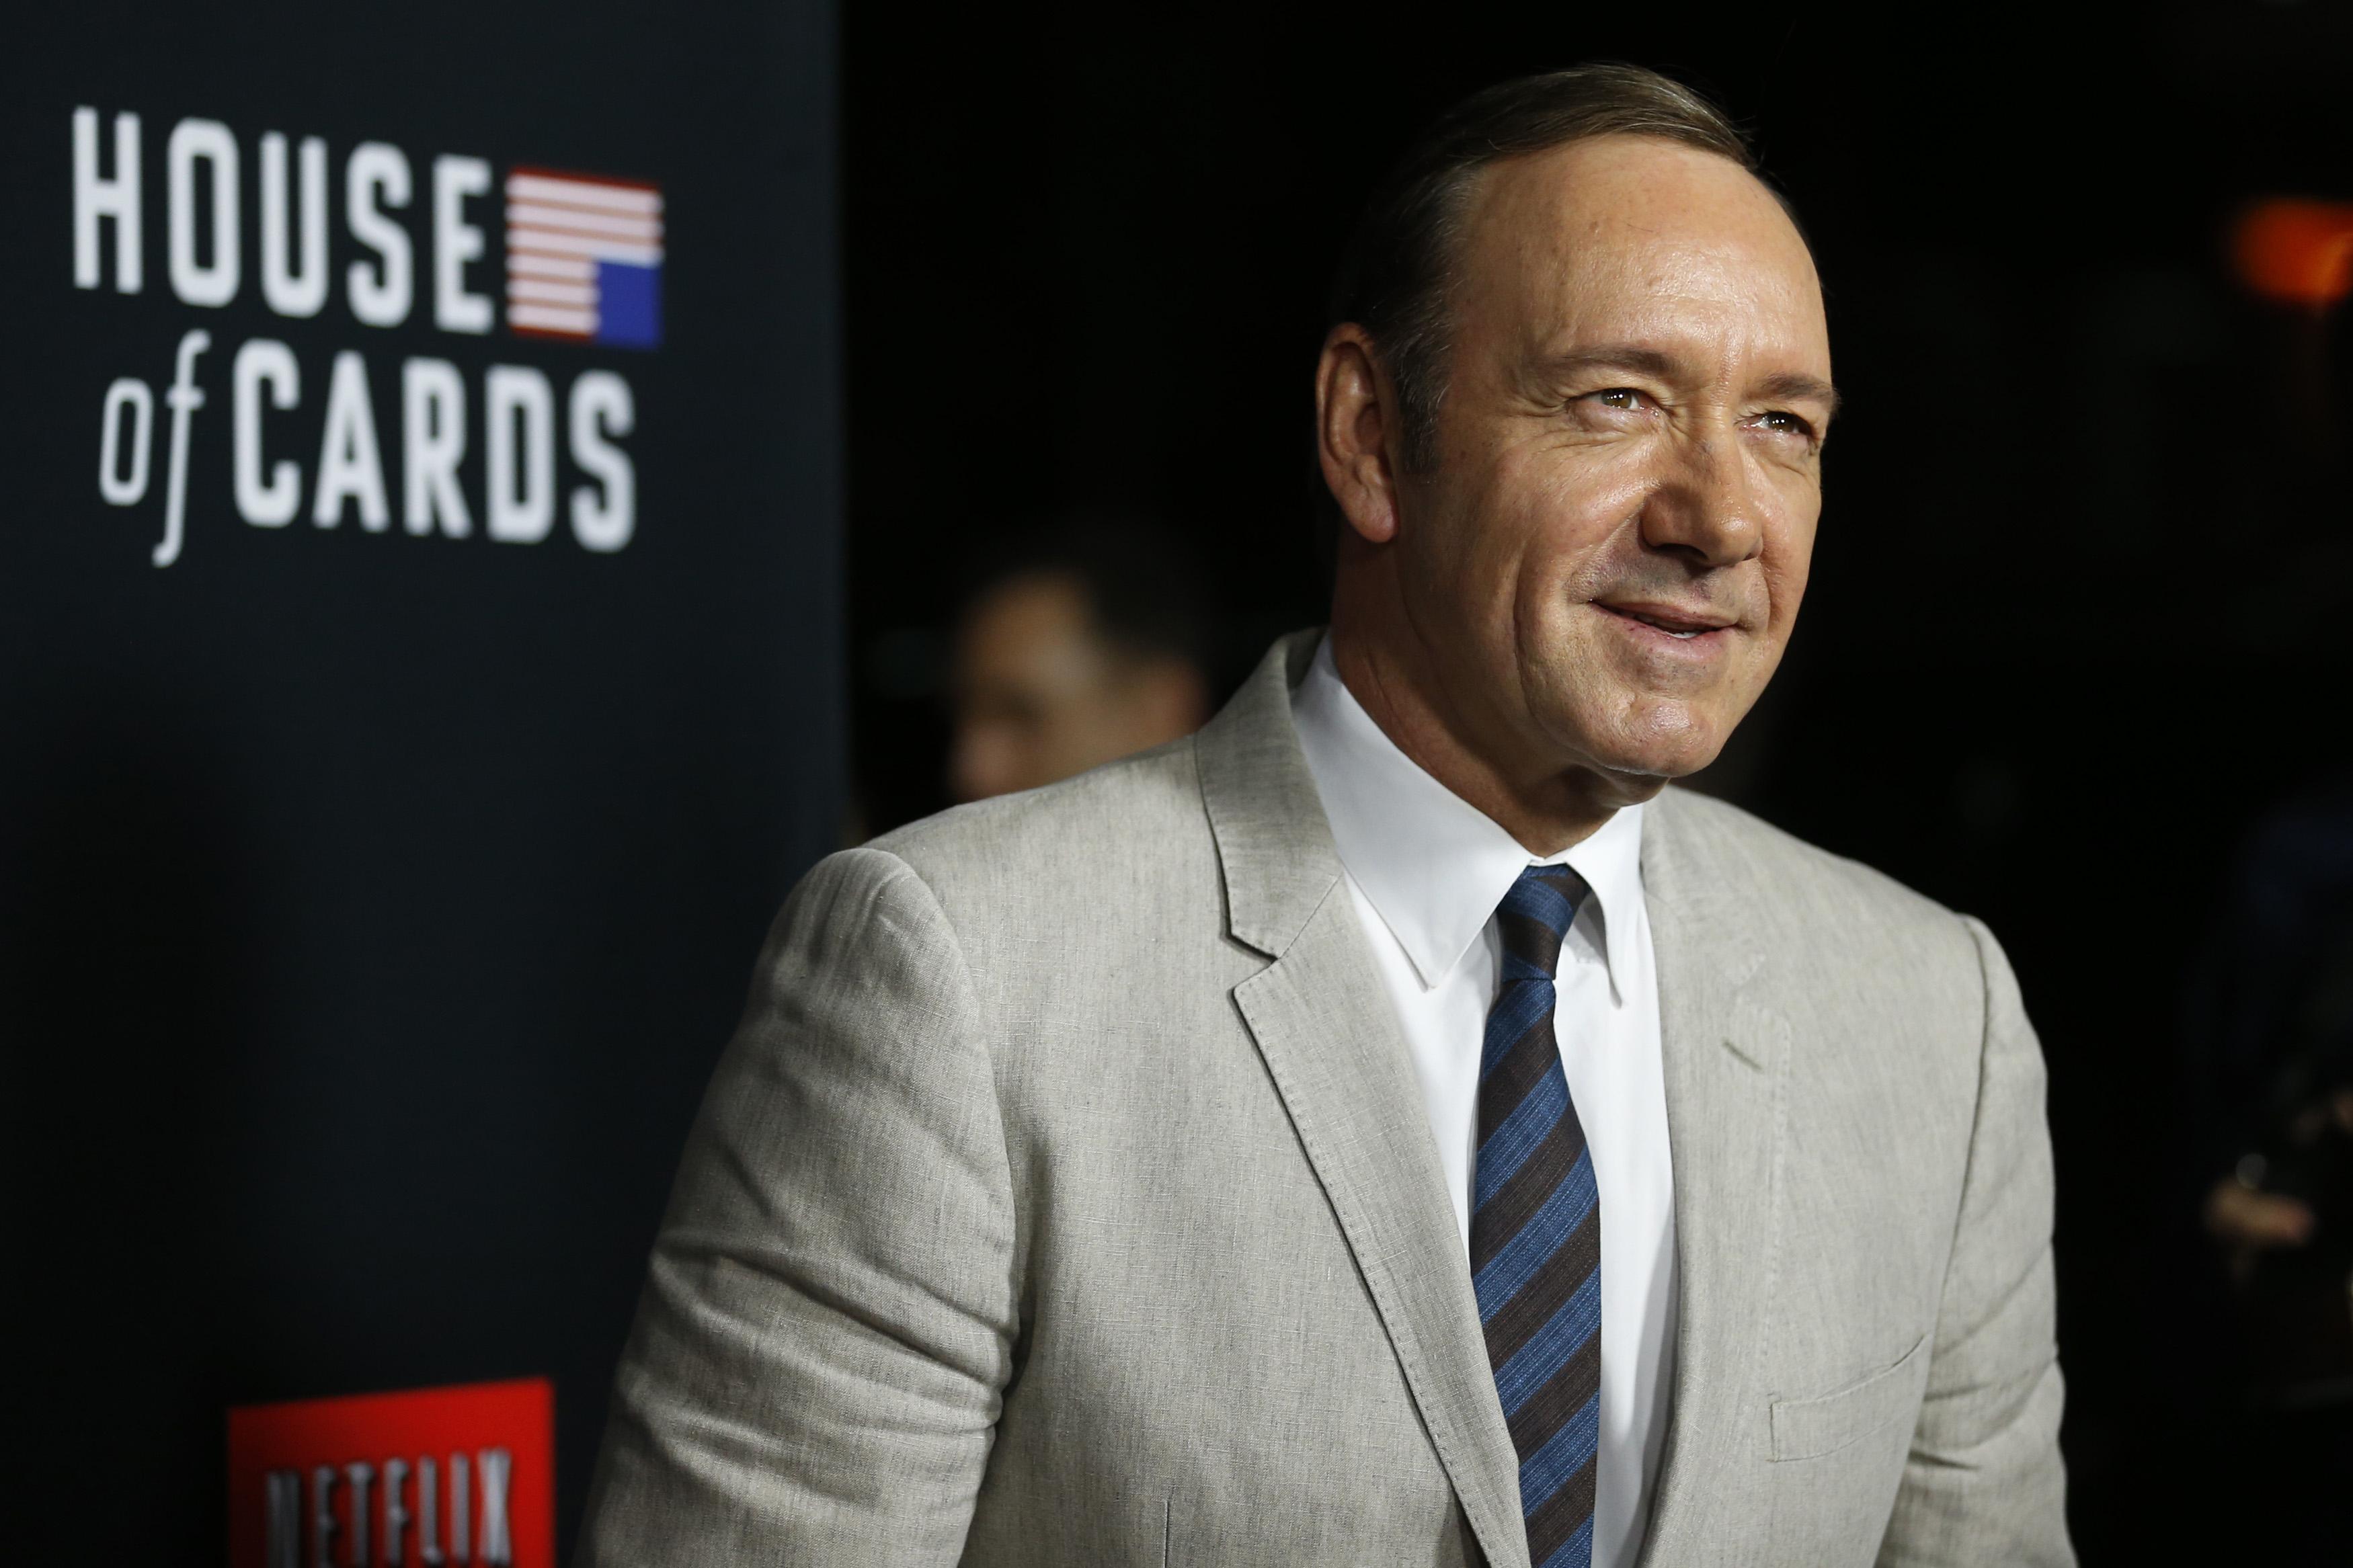 'House of Cards'ın Yapımcısı ve Baş Rol Oyuncusu Kevin Spacey